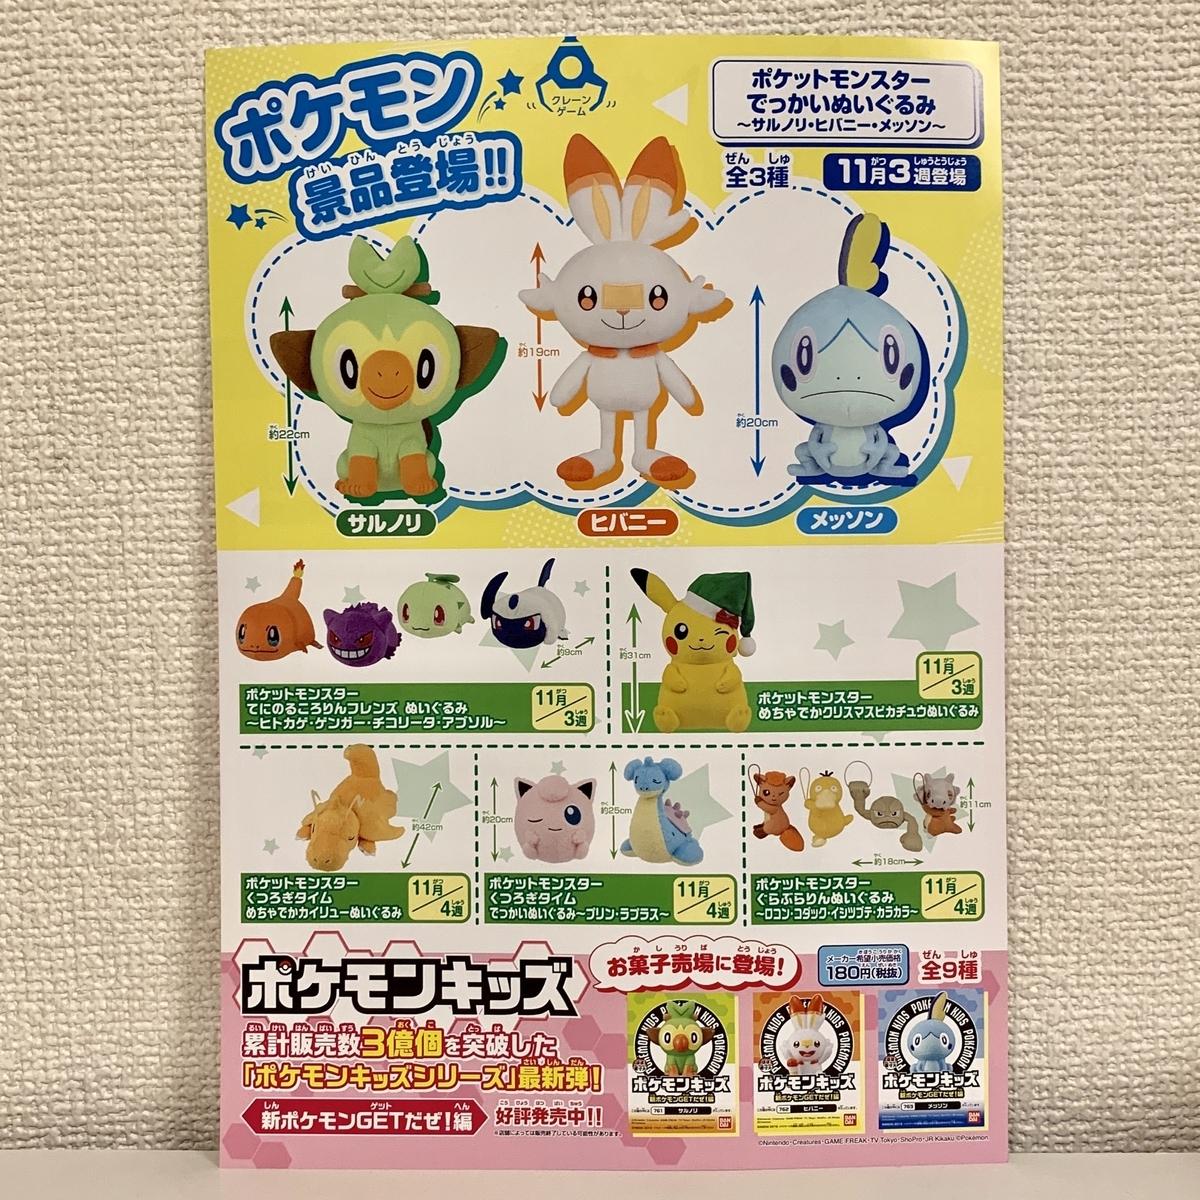 f:id:pikachu_pcn:20191123194745j:plain